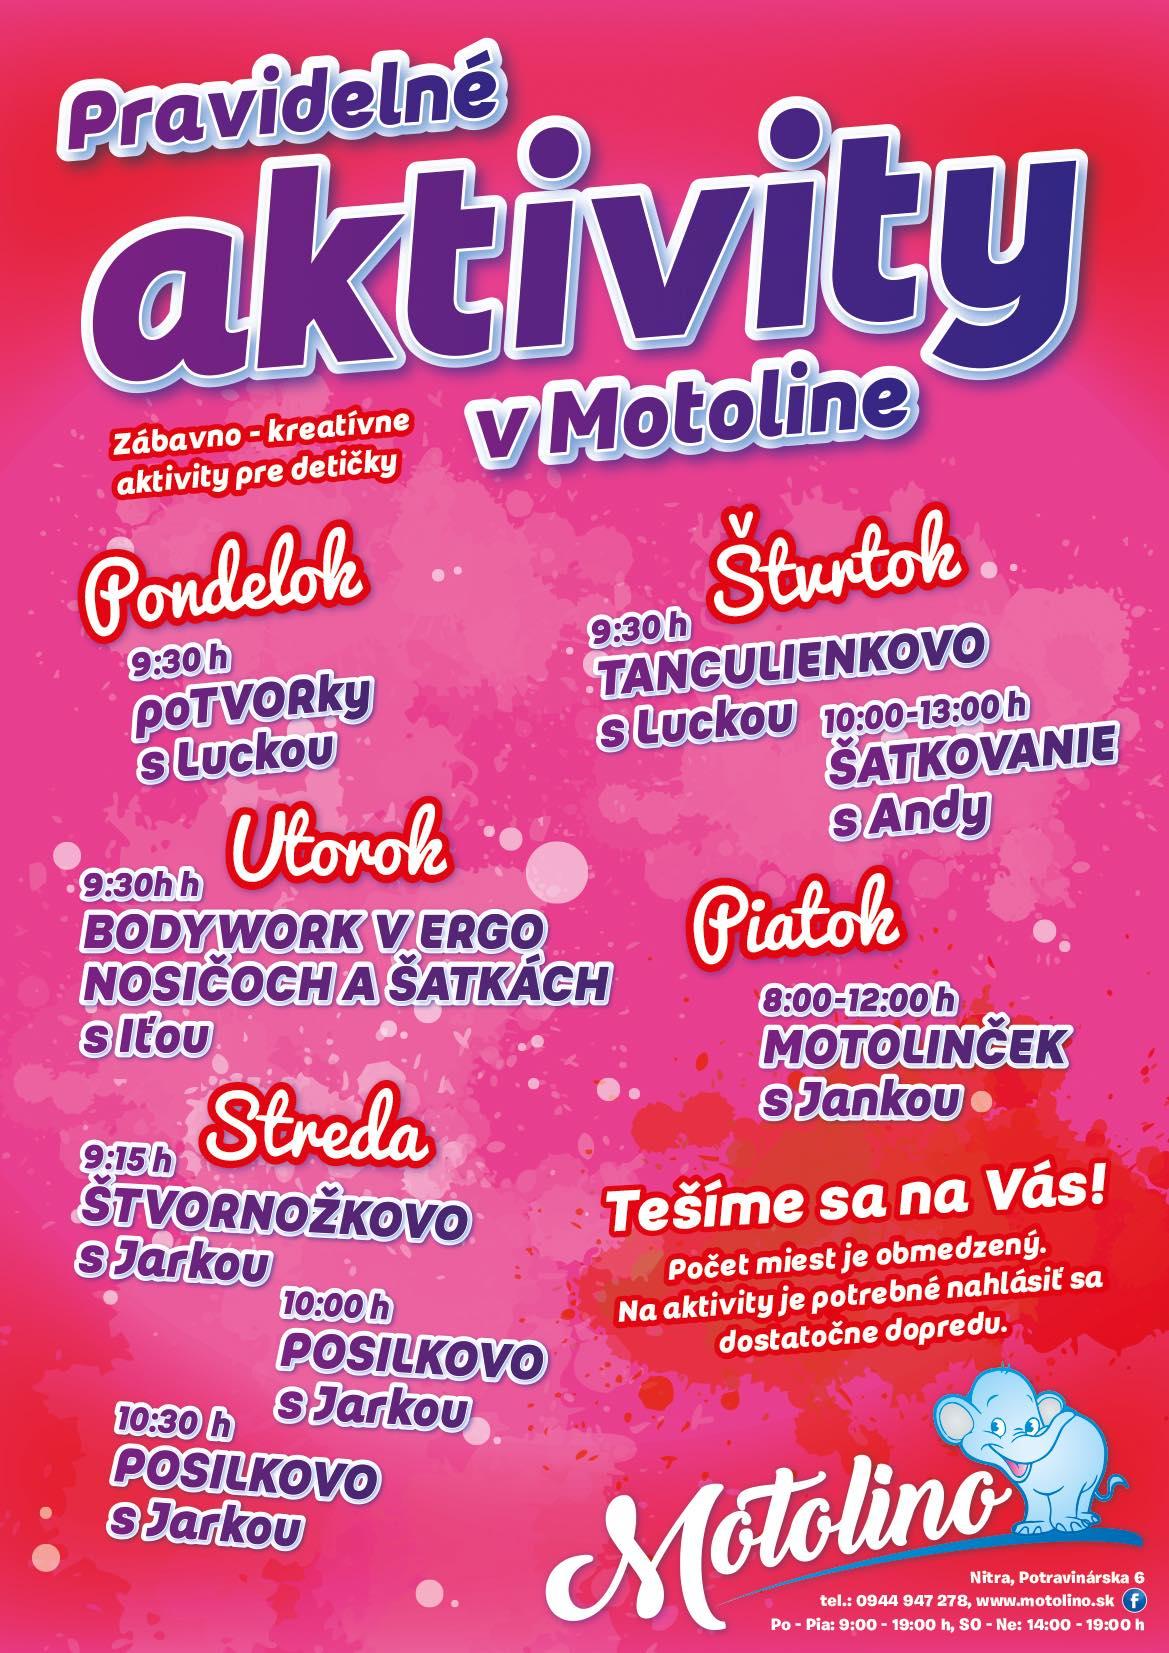 pravidelne aktivity_motolino.sk